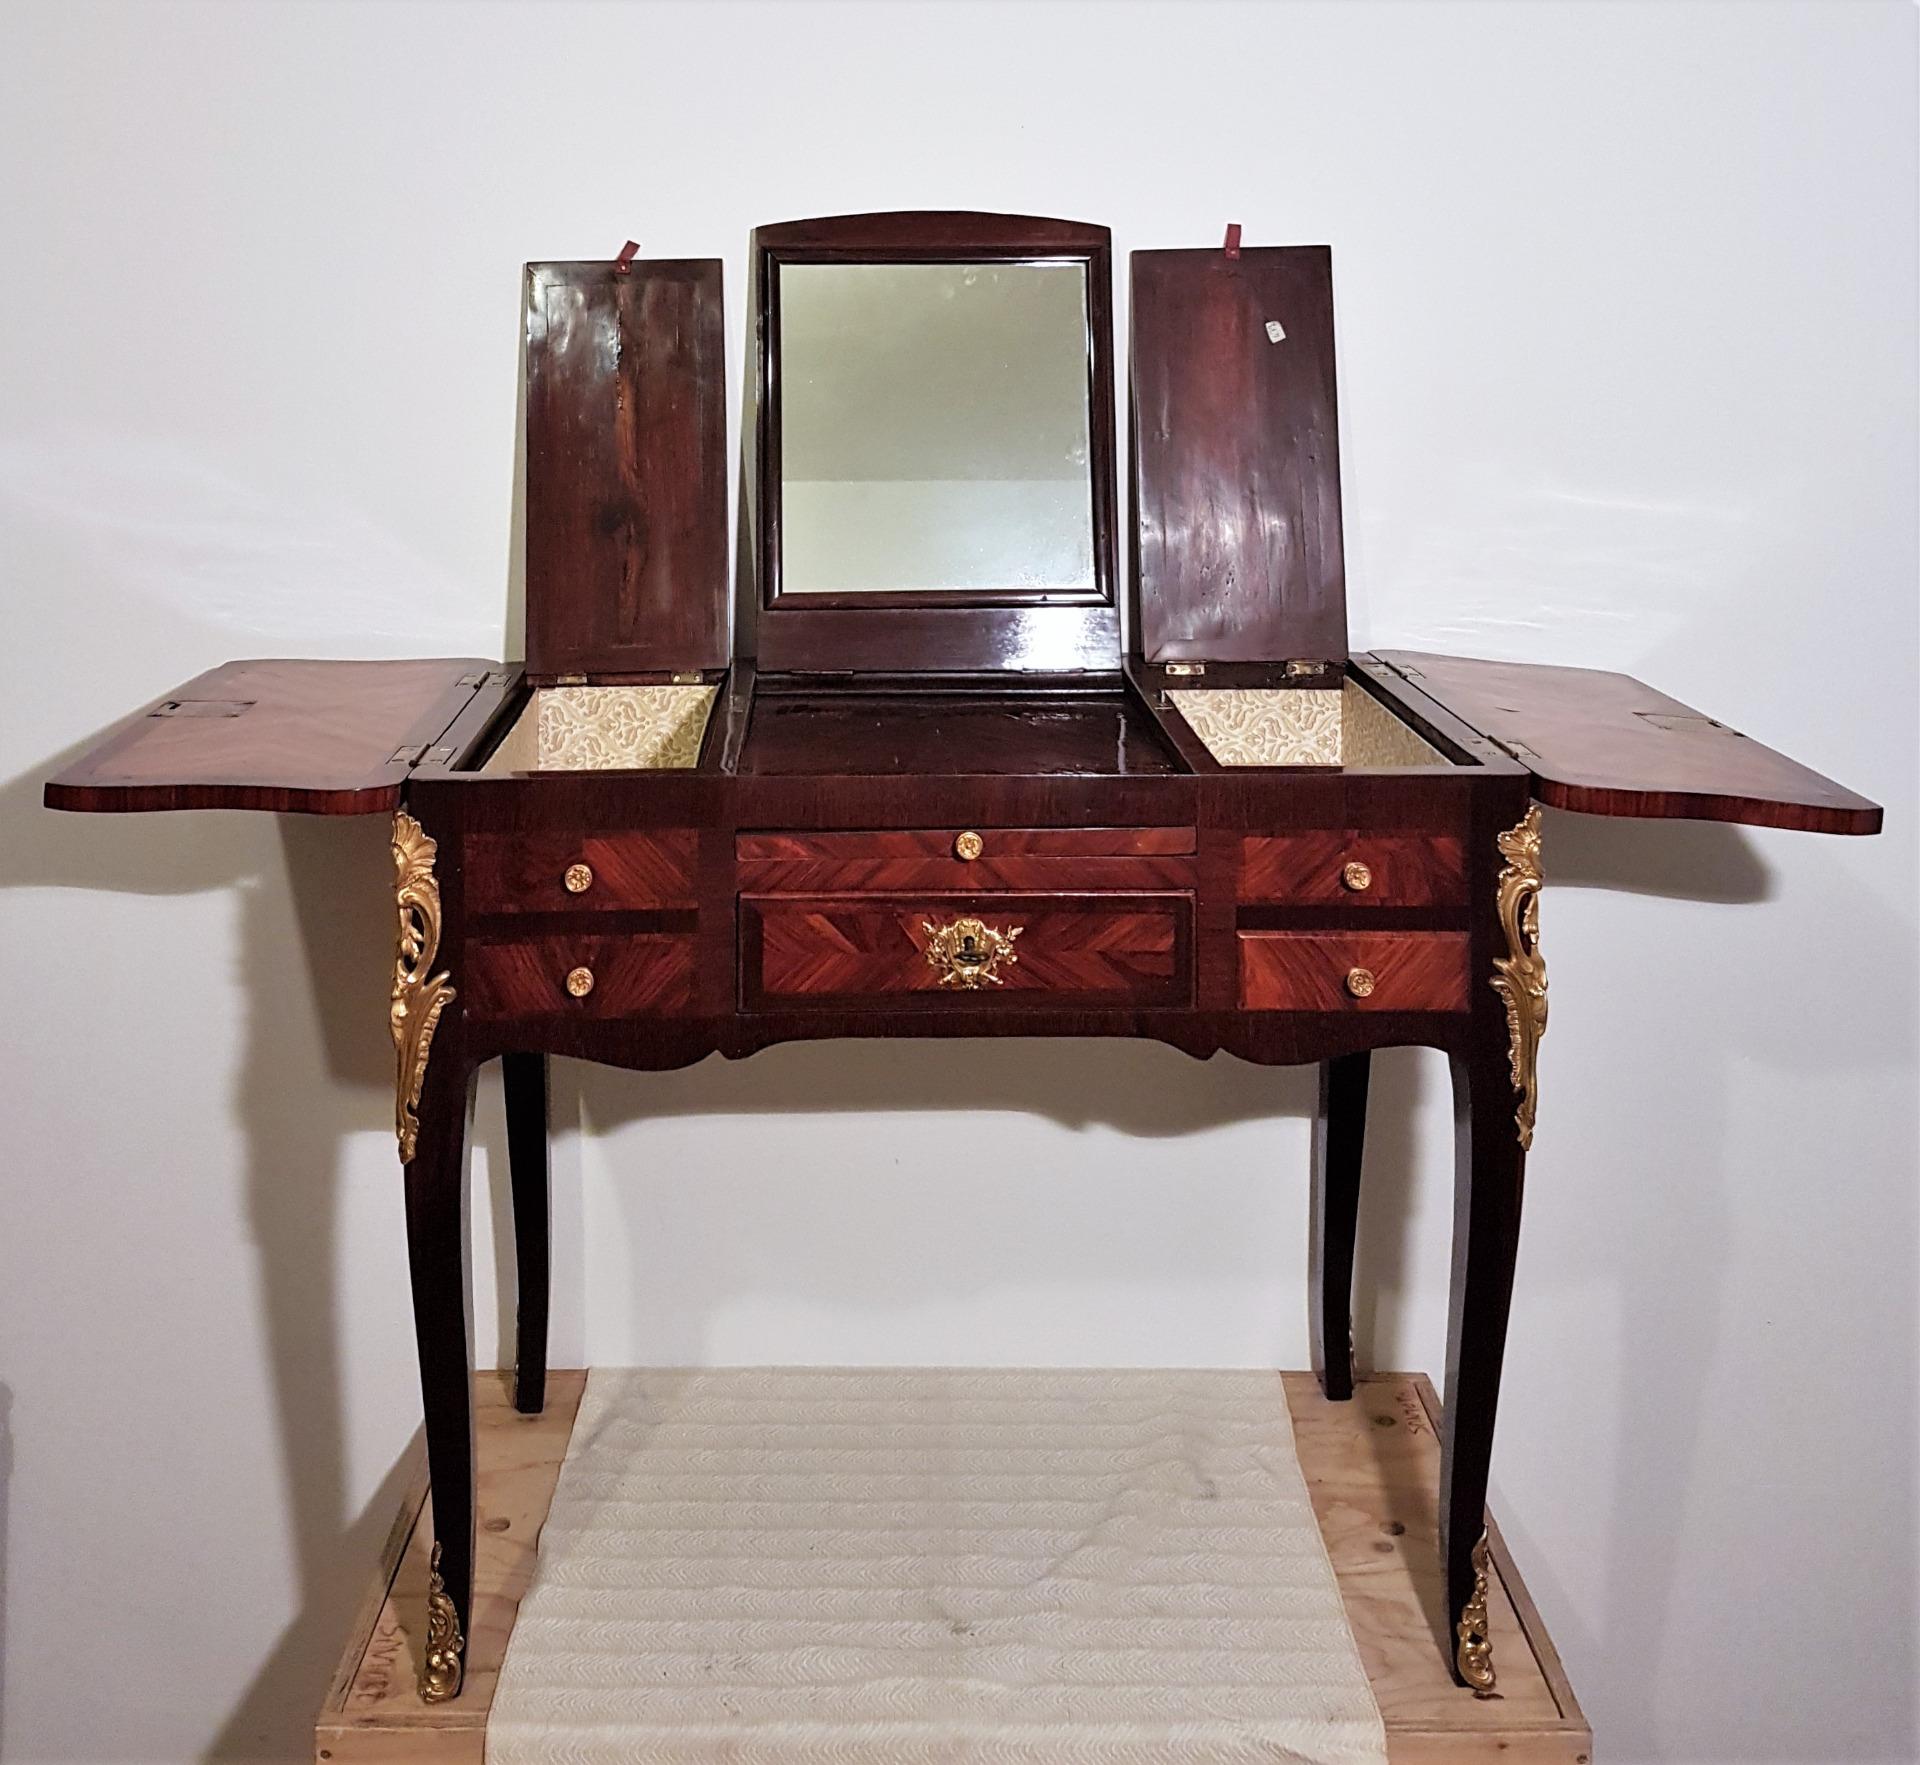 thumb2|Coiffeuse (Туалетные принадлежности) восемнадцатого века Ф. Рейзеля